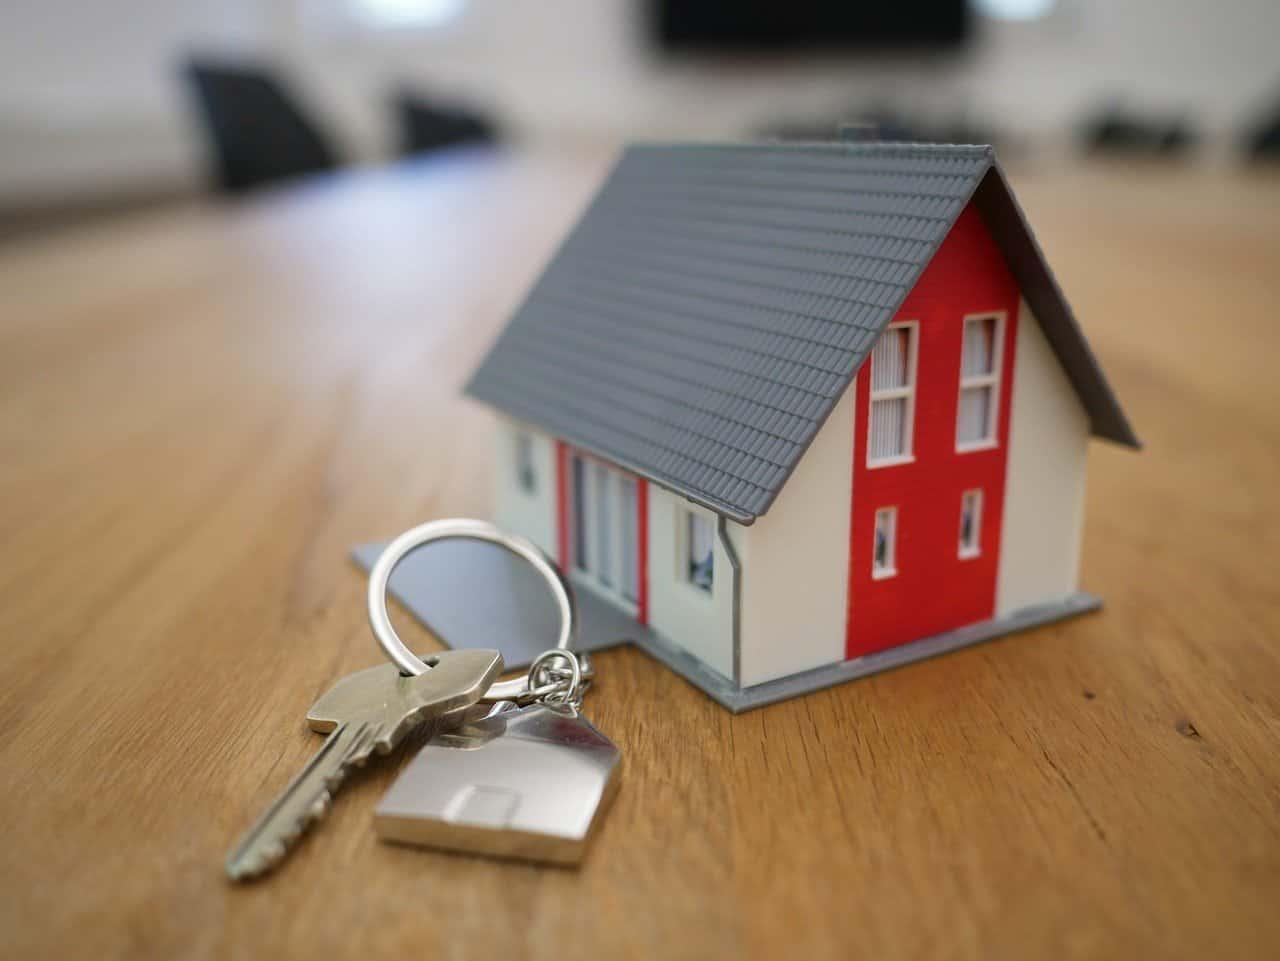 Felmondható-e hamarabb a határozott időre kötött lakásbérlet? - Érthető Jog